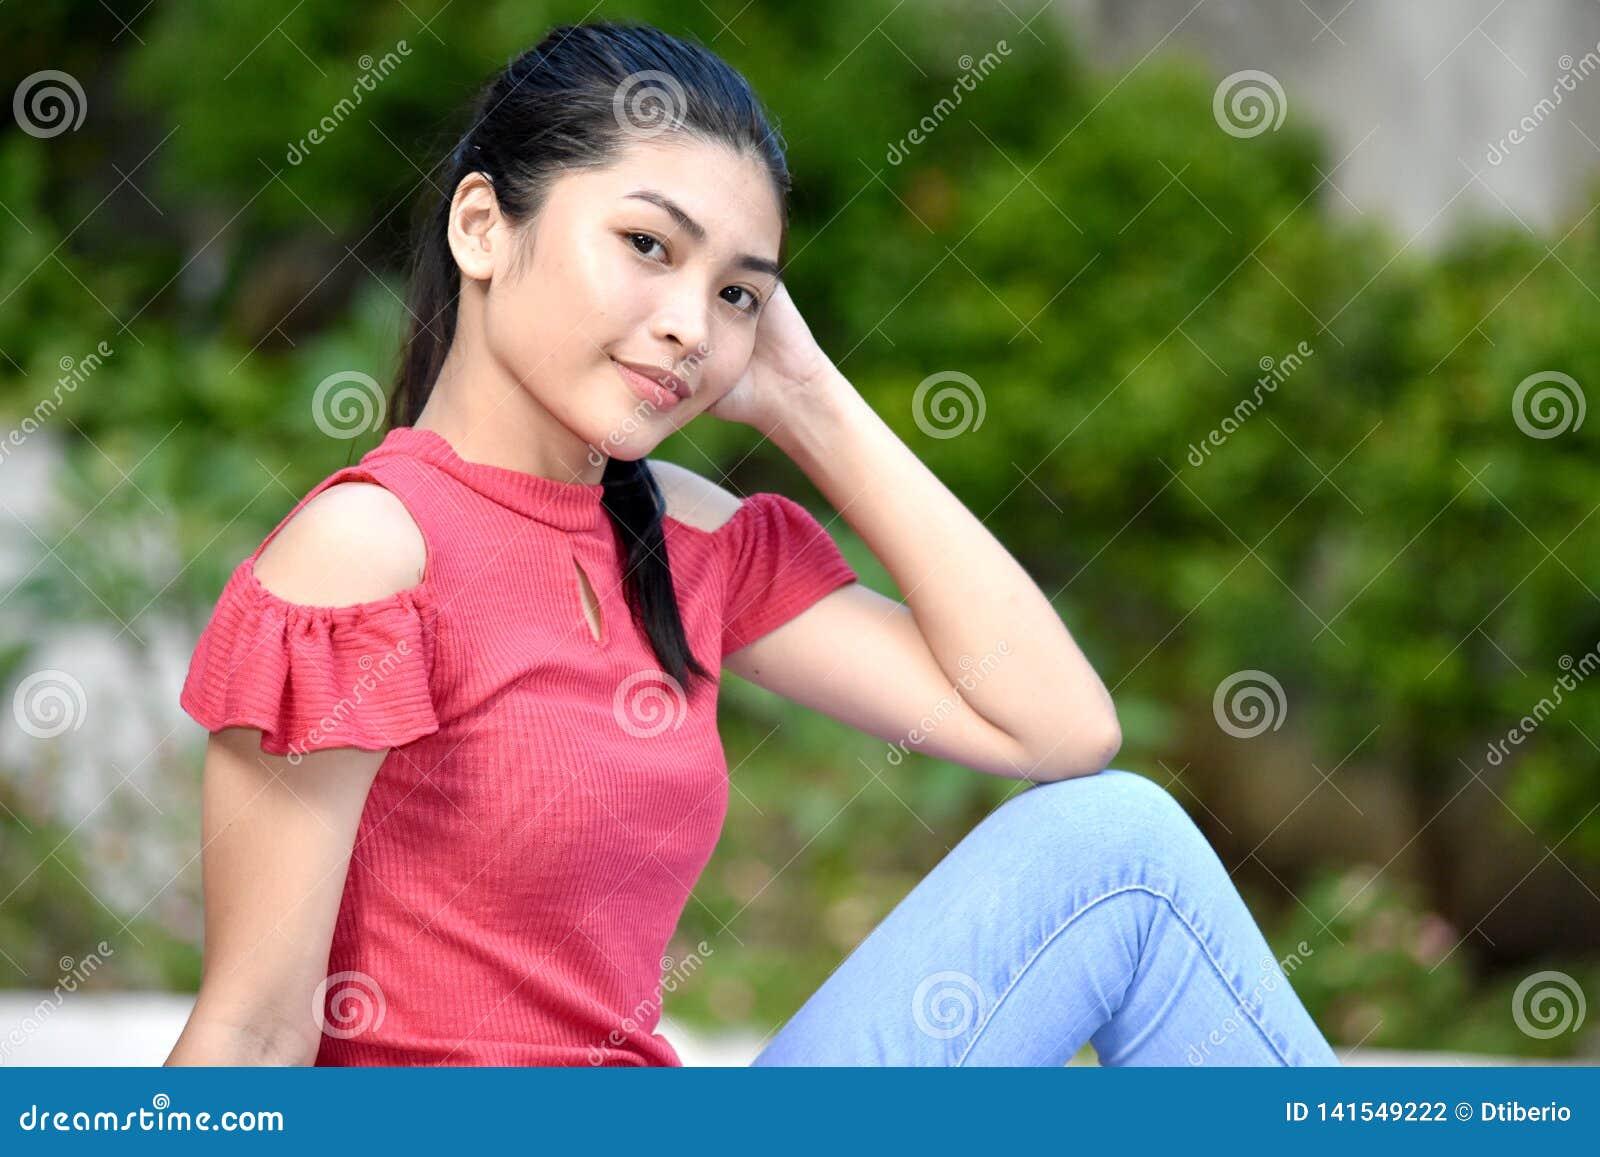 Filipina Teen Girl de détente